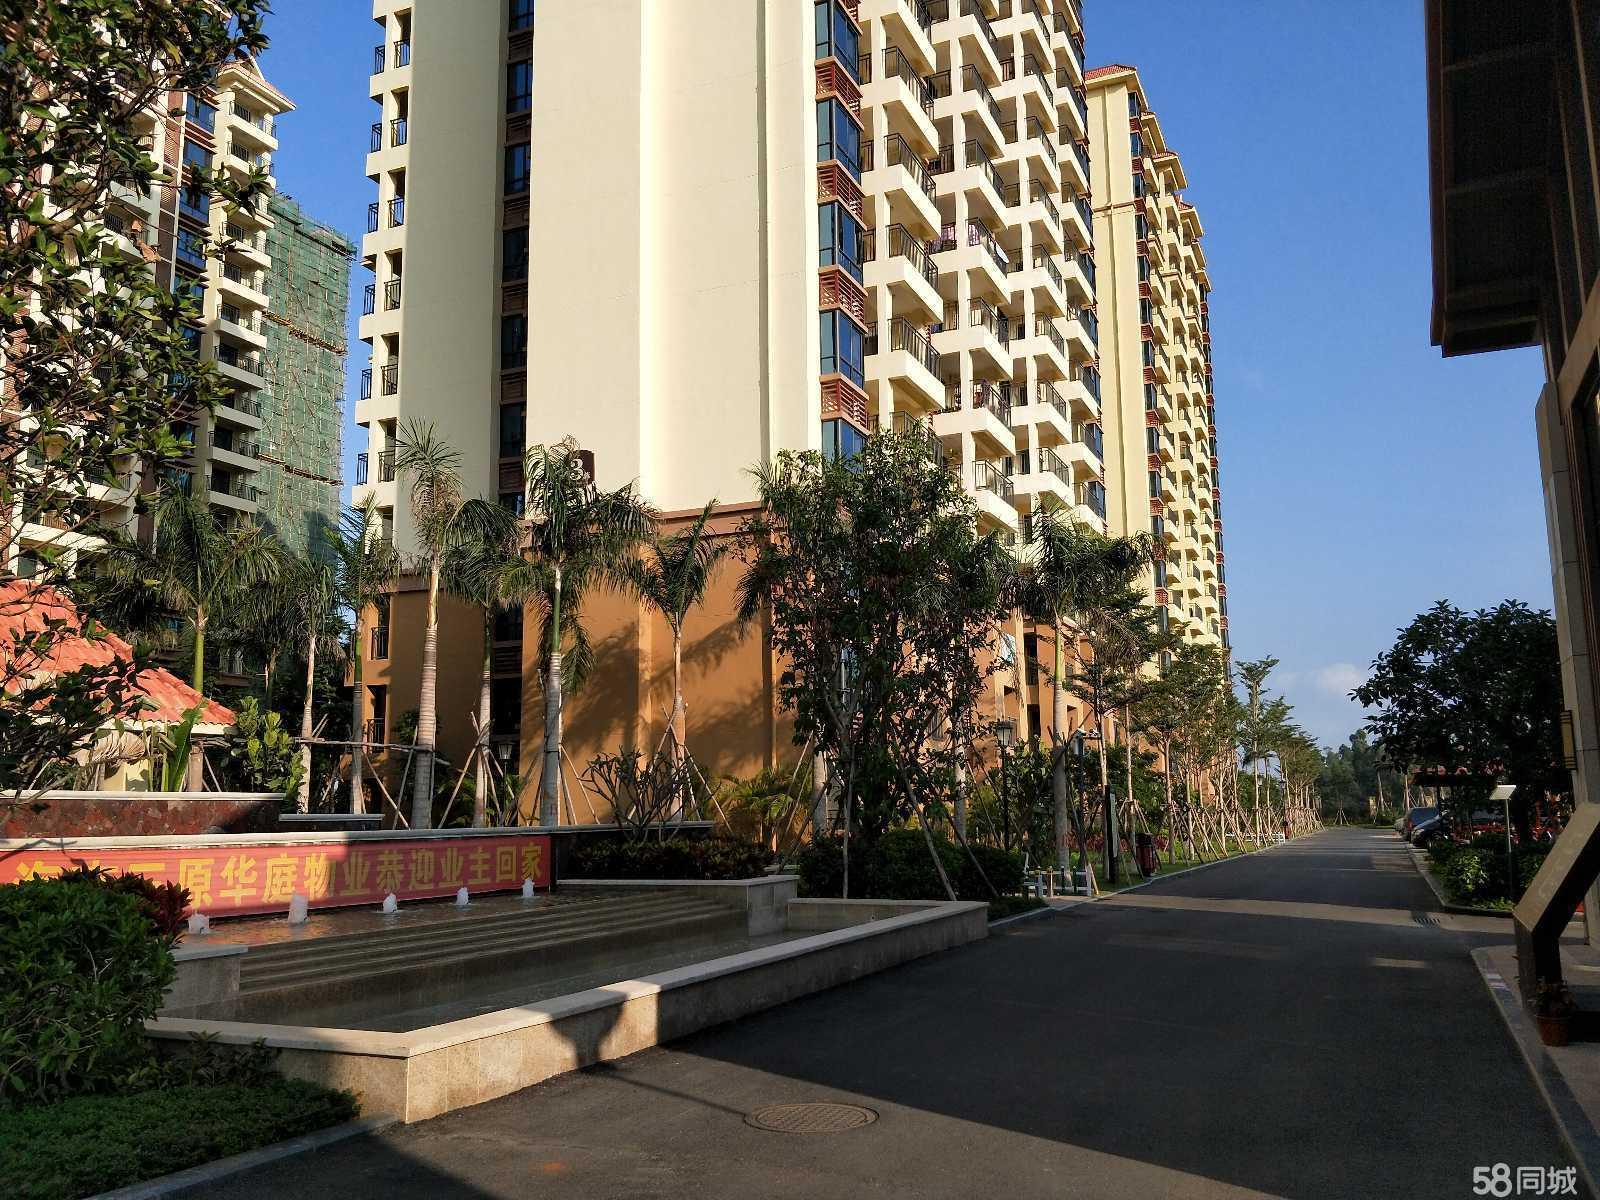 东方市滨海度假区一线海景房现房即买即住南北通透110平米三房两厅两卫